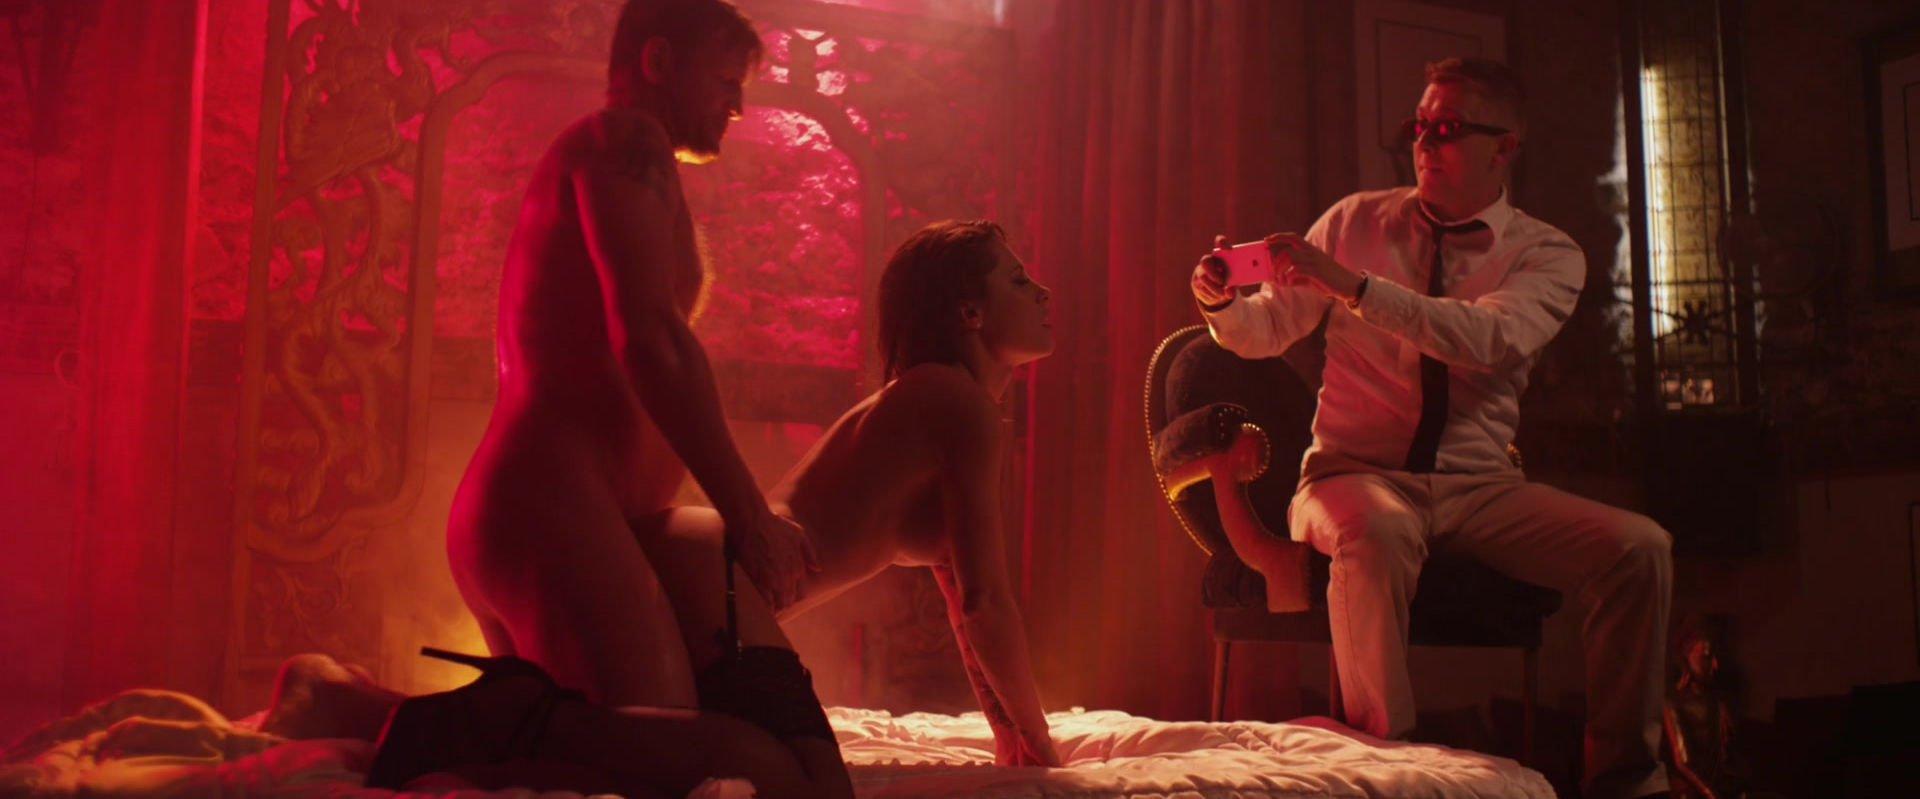 ian scott porn star